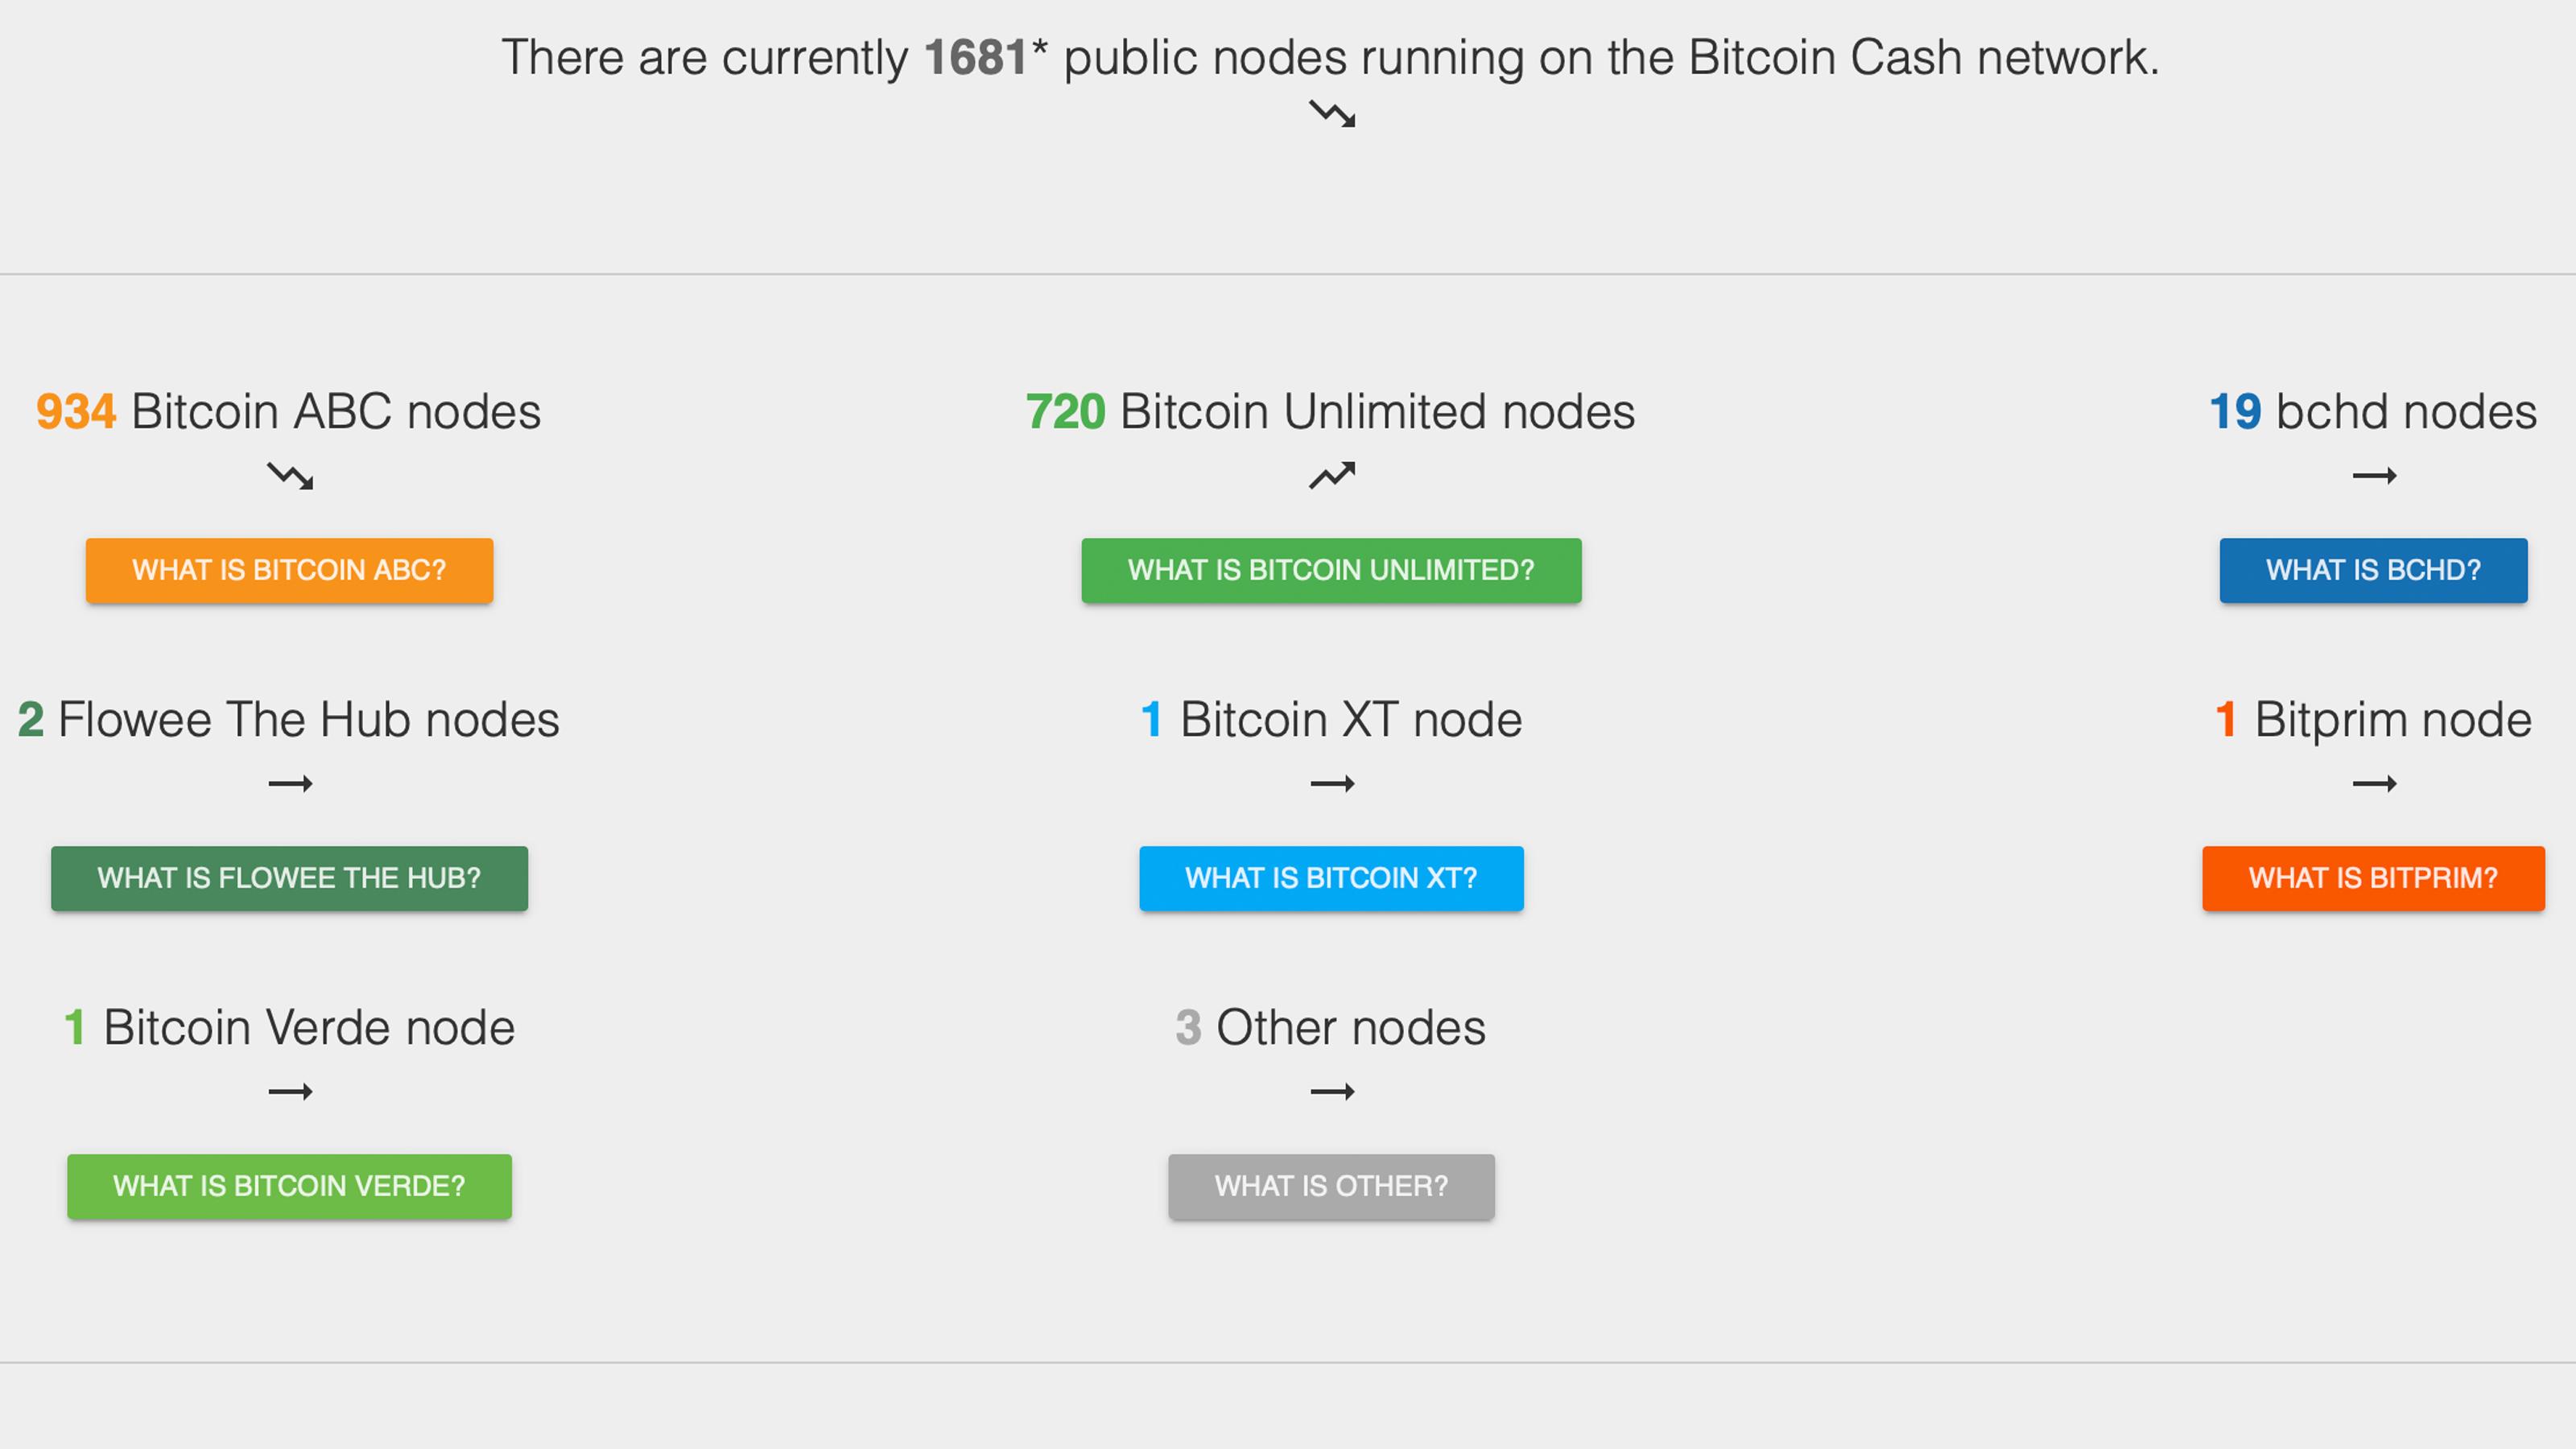 """Ejecución de Bitcoin Cash: una introducción a la operación de un nodo completo """"width ="""" 3200 """"height ="""" 1800 """" srcset = """"https://blackswanfinances.com/wp-content/uploads/2019/10/nodes.jpg 3200w, https://news.bitcoin.com/wp-content/uploads/2019/10/nodes- 300x169.jpg 300w, https://news.bitcoin.com/wp-content/uploads/2019/10/nodes-768x432.jpg 768w, https://news.bitcoin.com/wp-content/uploads/2019/ 10 / node-1024x576.jpg 1024w, https://news.bitcoin.com/wp-content/uploads/2019/10/nodes-696x392.jpg 696w, https://news.bitcoin.com/wp-content/ uploads / 2019/10 / node-1392x783.jpg 1392w, https://news.bitcoin.com/wp-content/uploads/2019/10/nodes-1068x601.jpg 1068w, https://news.bitcoin.com/ wp-content / uploads / 2019/10 / node-747x420.jpg 747w """"tamaños ="""" (ancho máximo: 3200px) 100vw, 3200px"""